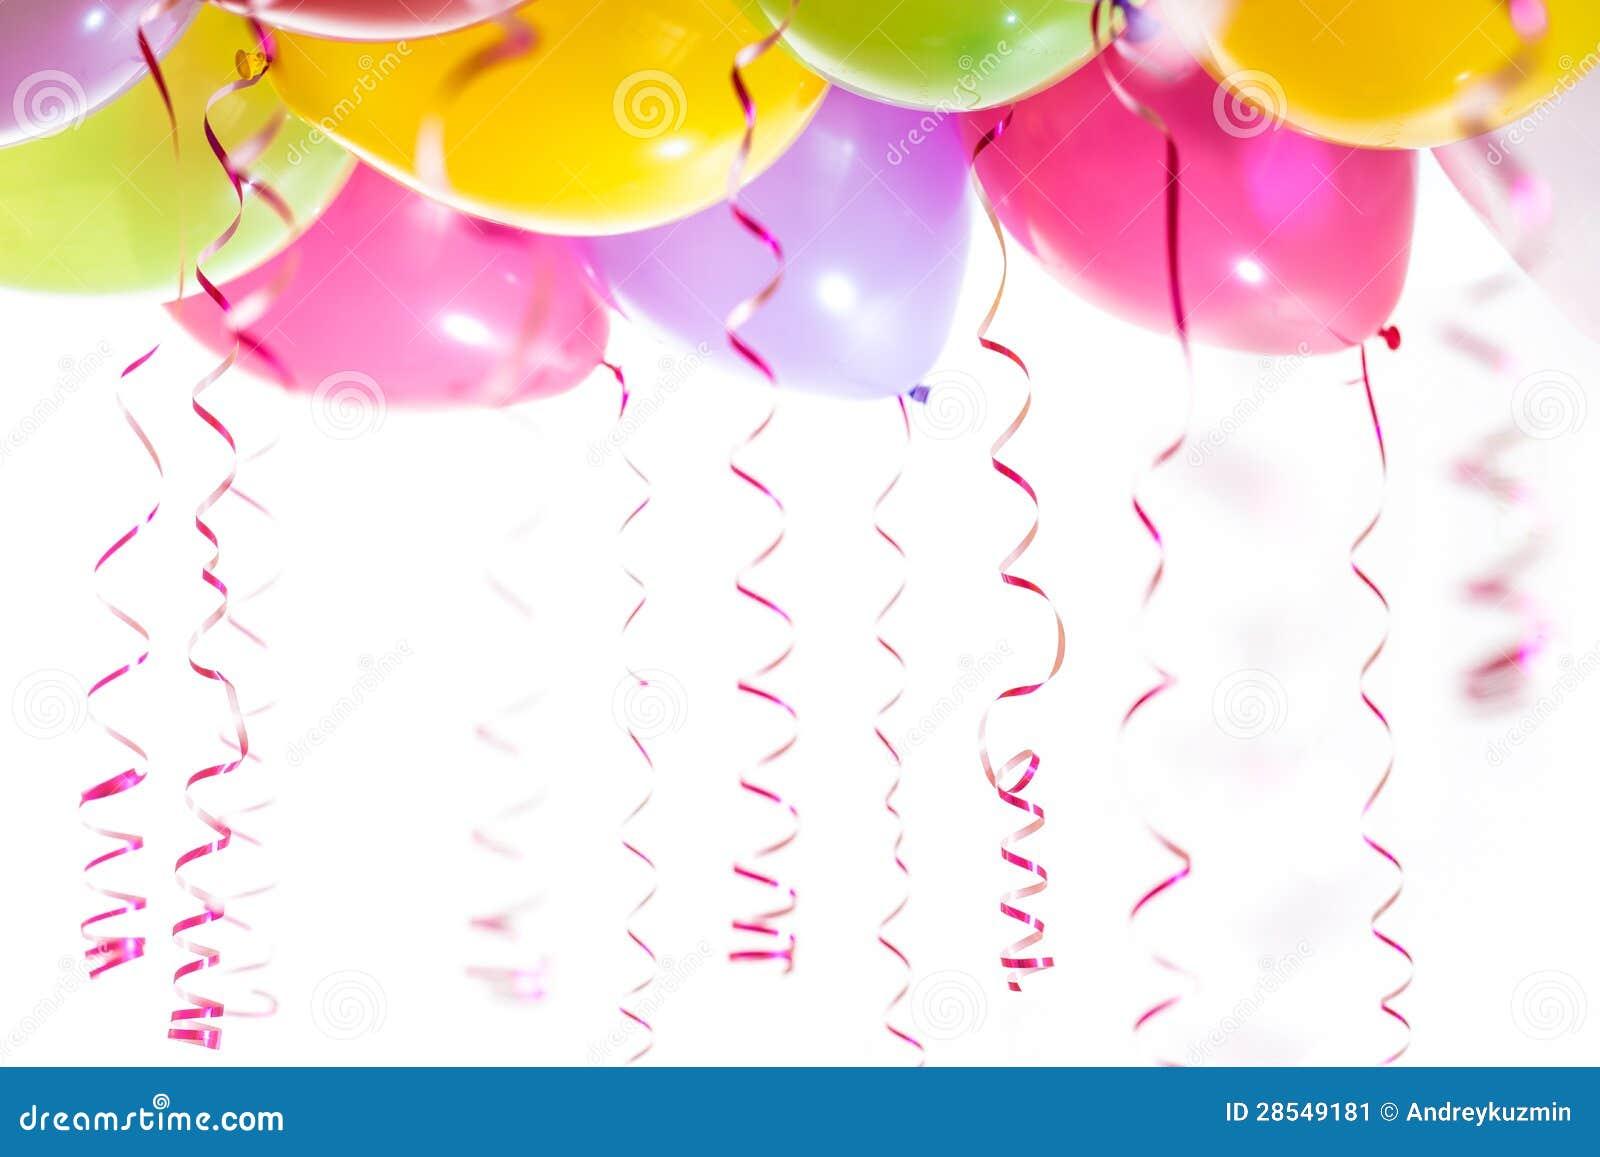 Ballons avec des flammes pour la célébration de fête d anniversaire